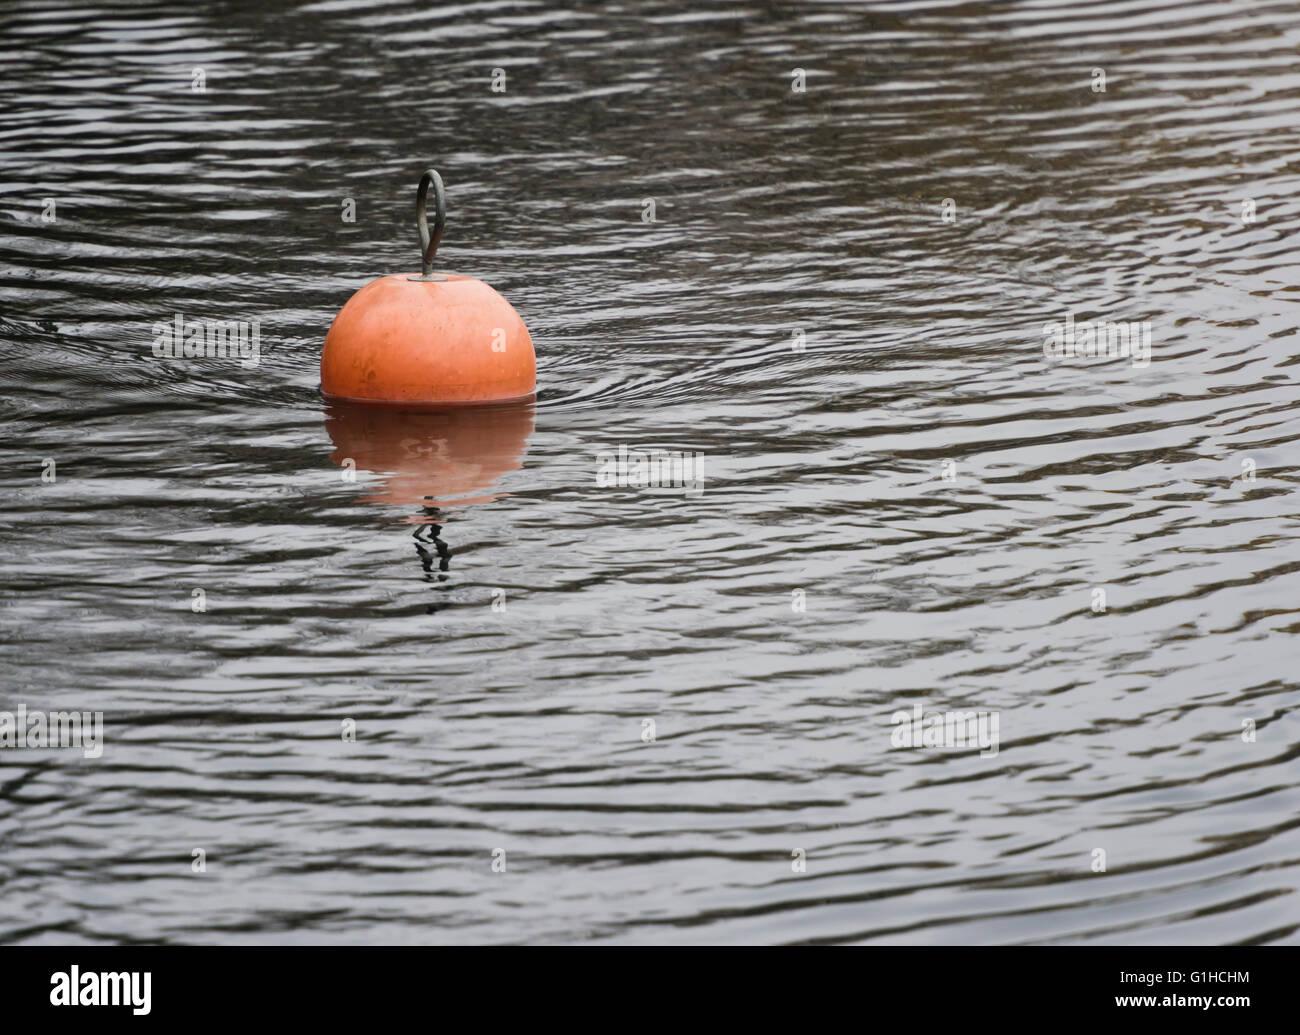 Bright orange nautical buoy floating on slightly rippled water surface - Stock Image